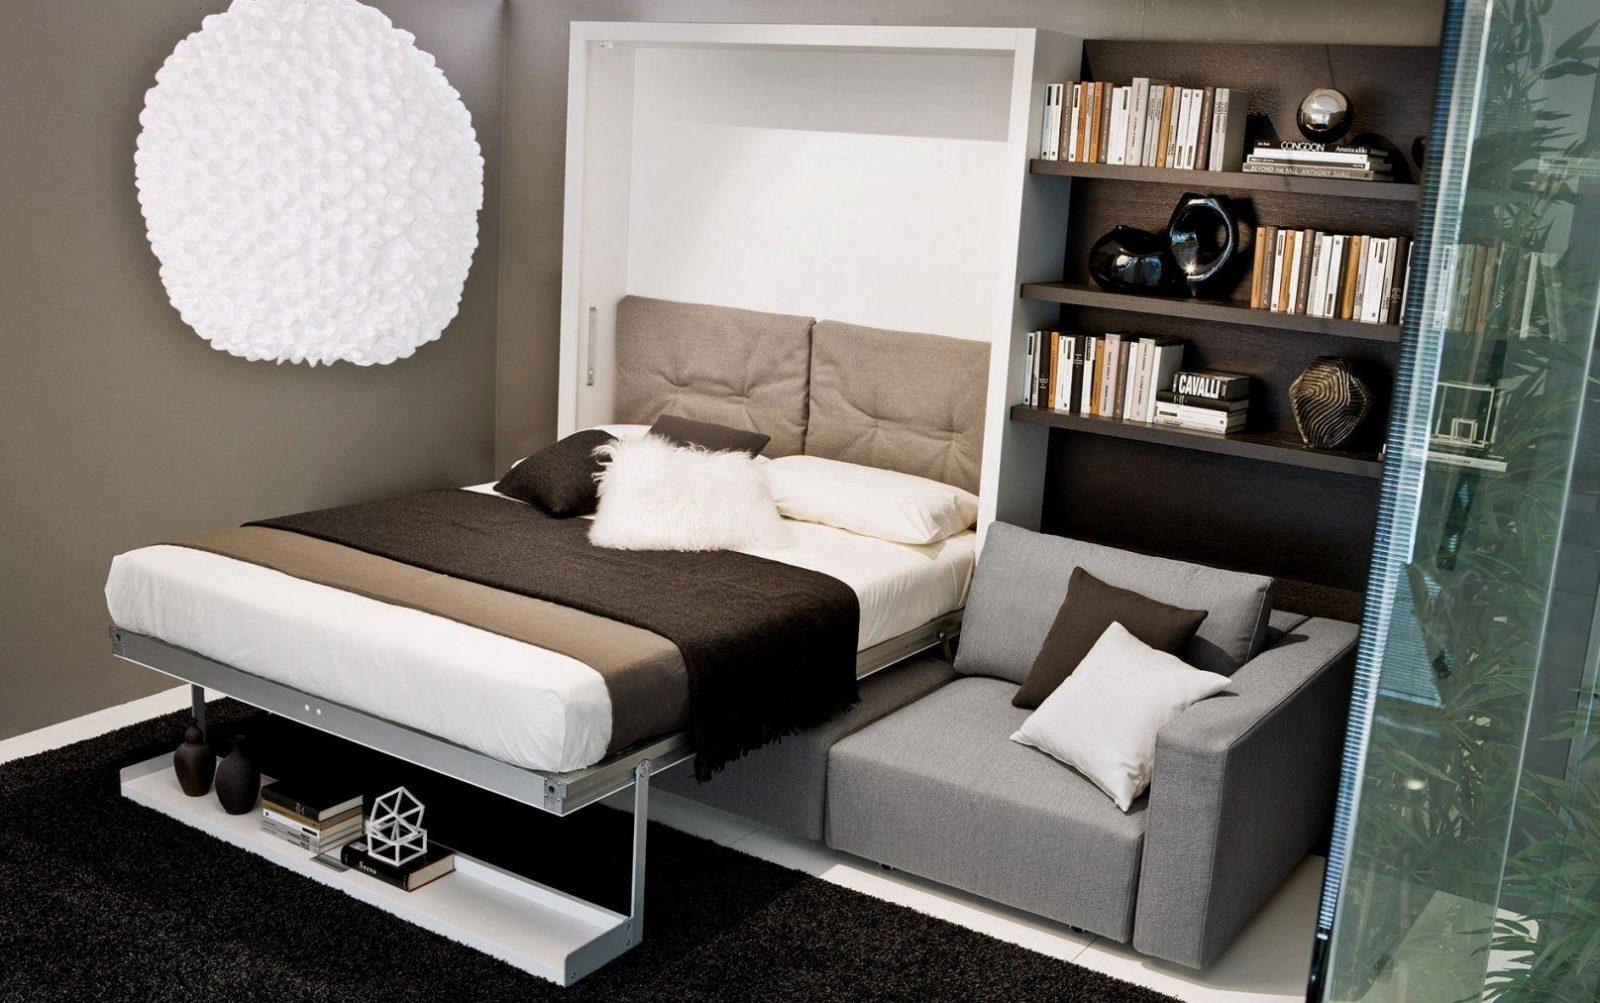 Wunderbar Doppelbett Im Schrank Bett Kombination Betten Hause von Schrank Mit Integriertem Bett Photo